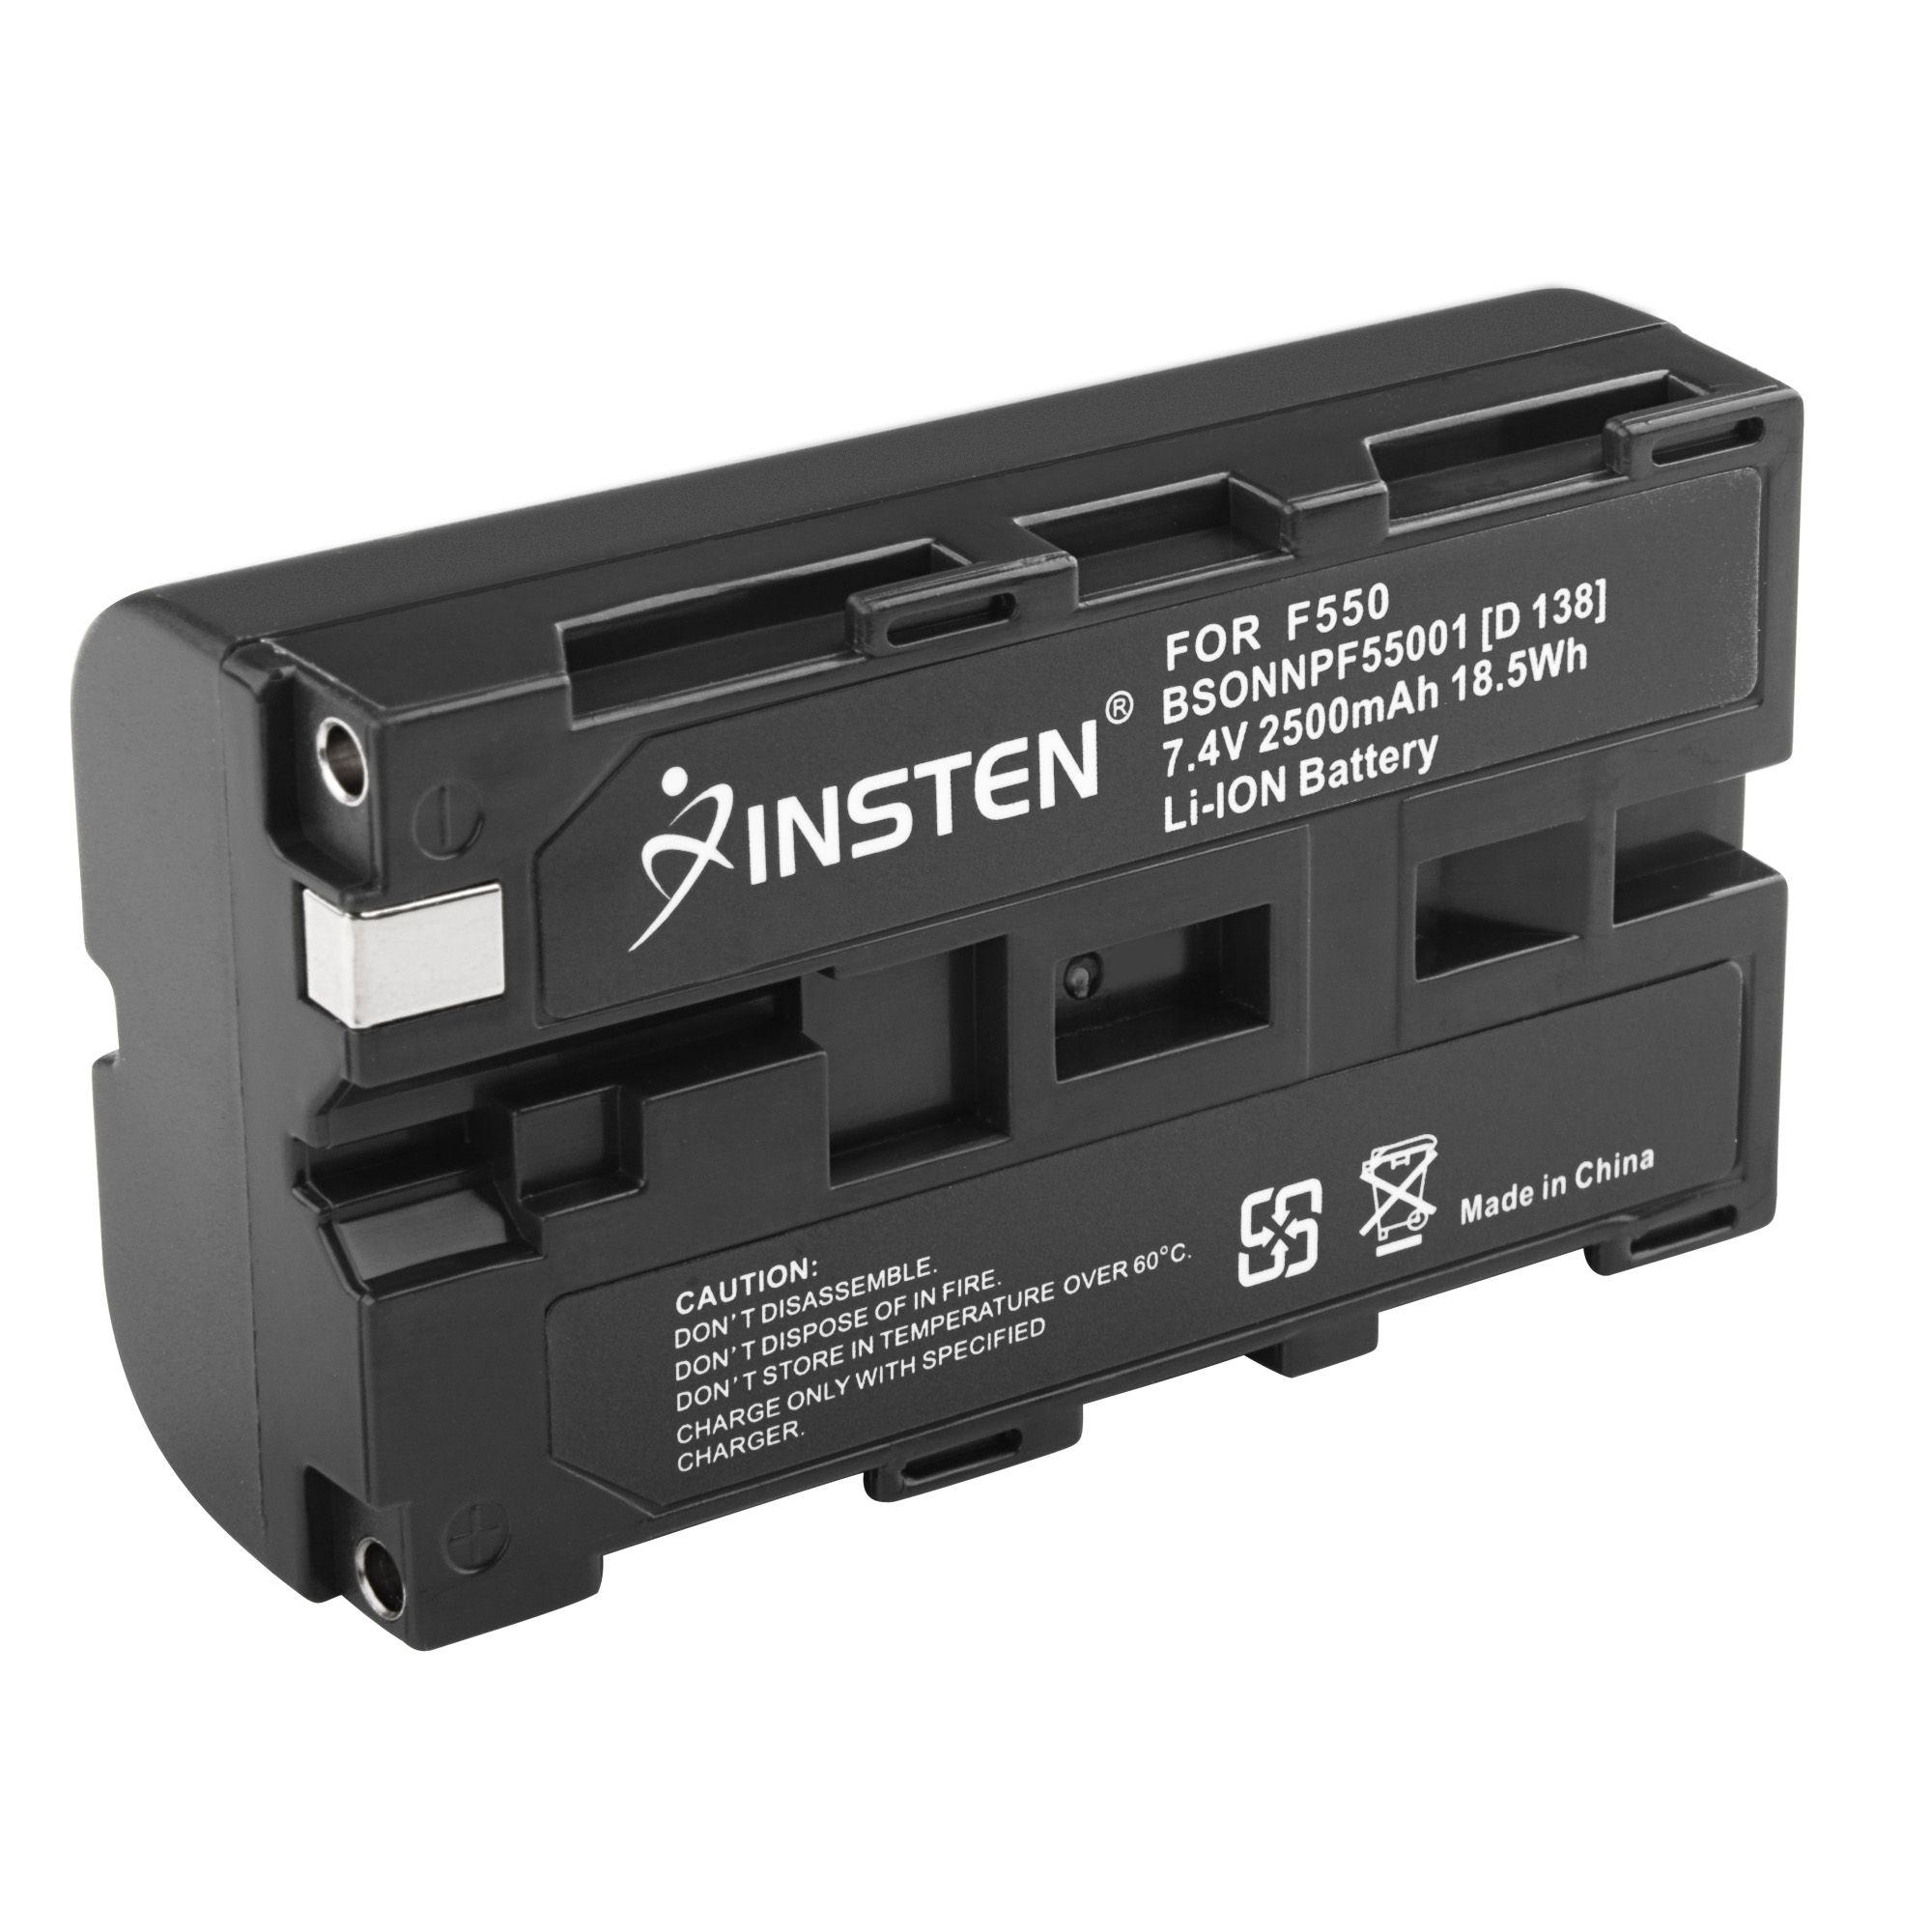 Insten NP-F550 NP-F330 NP-F570 F750 F930 F950 NP-F530 Battery For SONY Mavica Camera